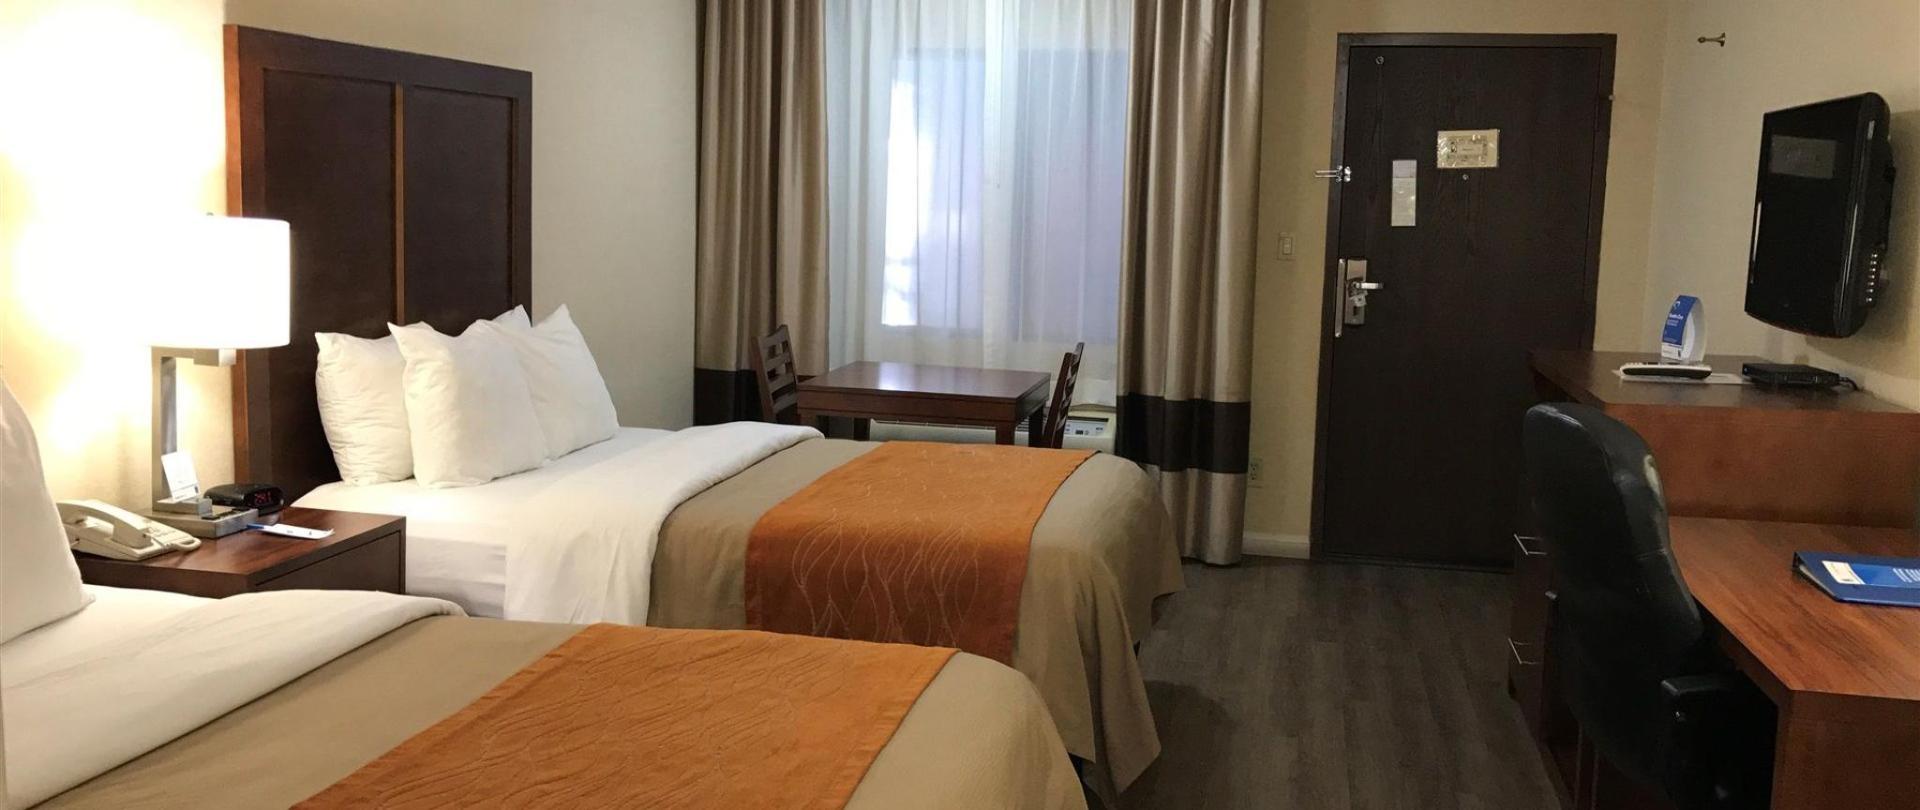 4. 2Double Beds, Non-Smoking (5).JPG